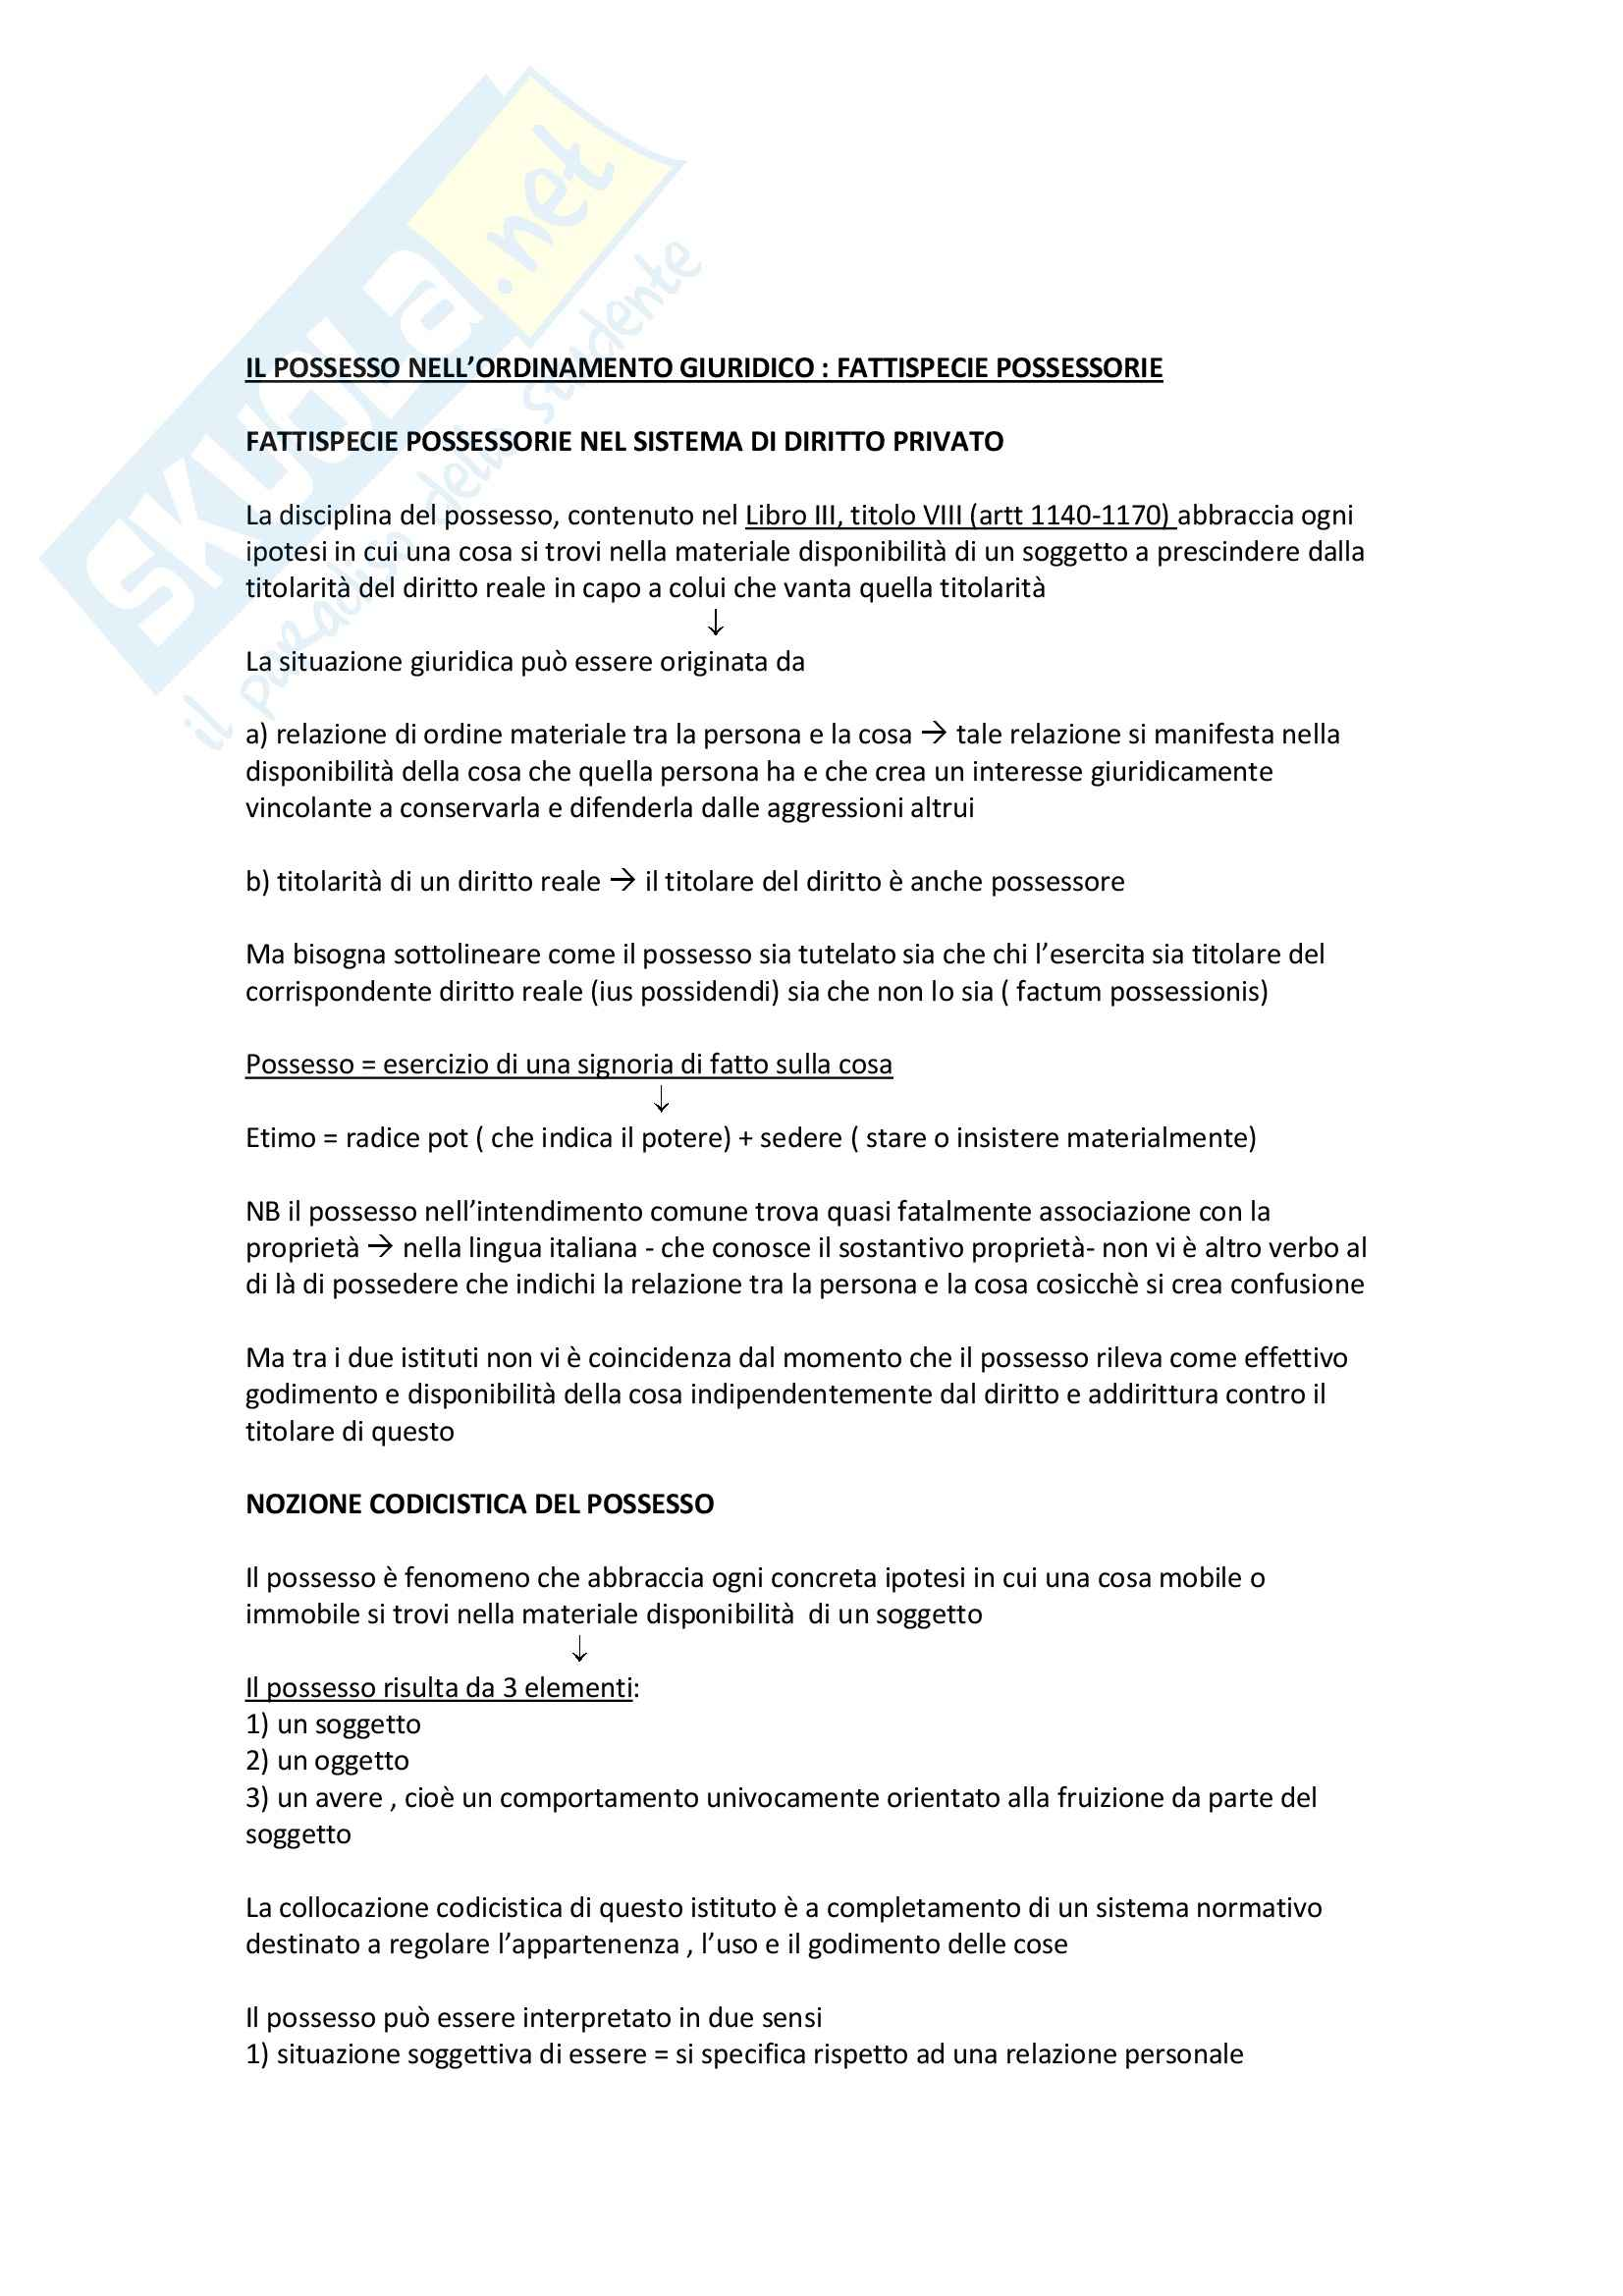 Riassunto esame Diritto civile 2, prof. Sillani, libro consigliato Il possesso, Troisi, Cicero ultima edizione